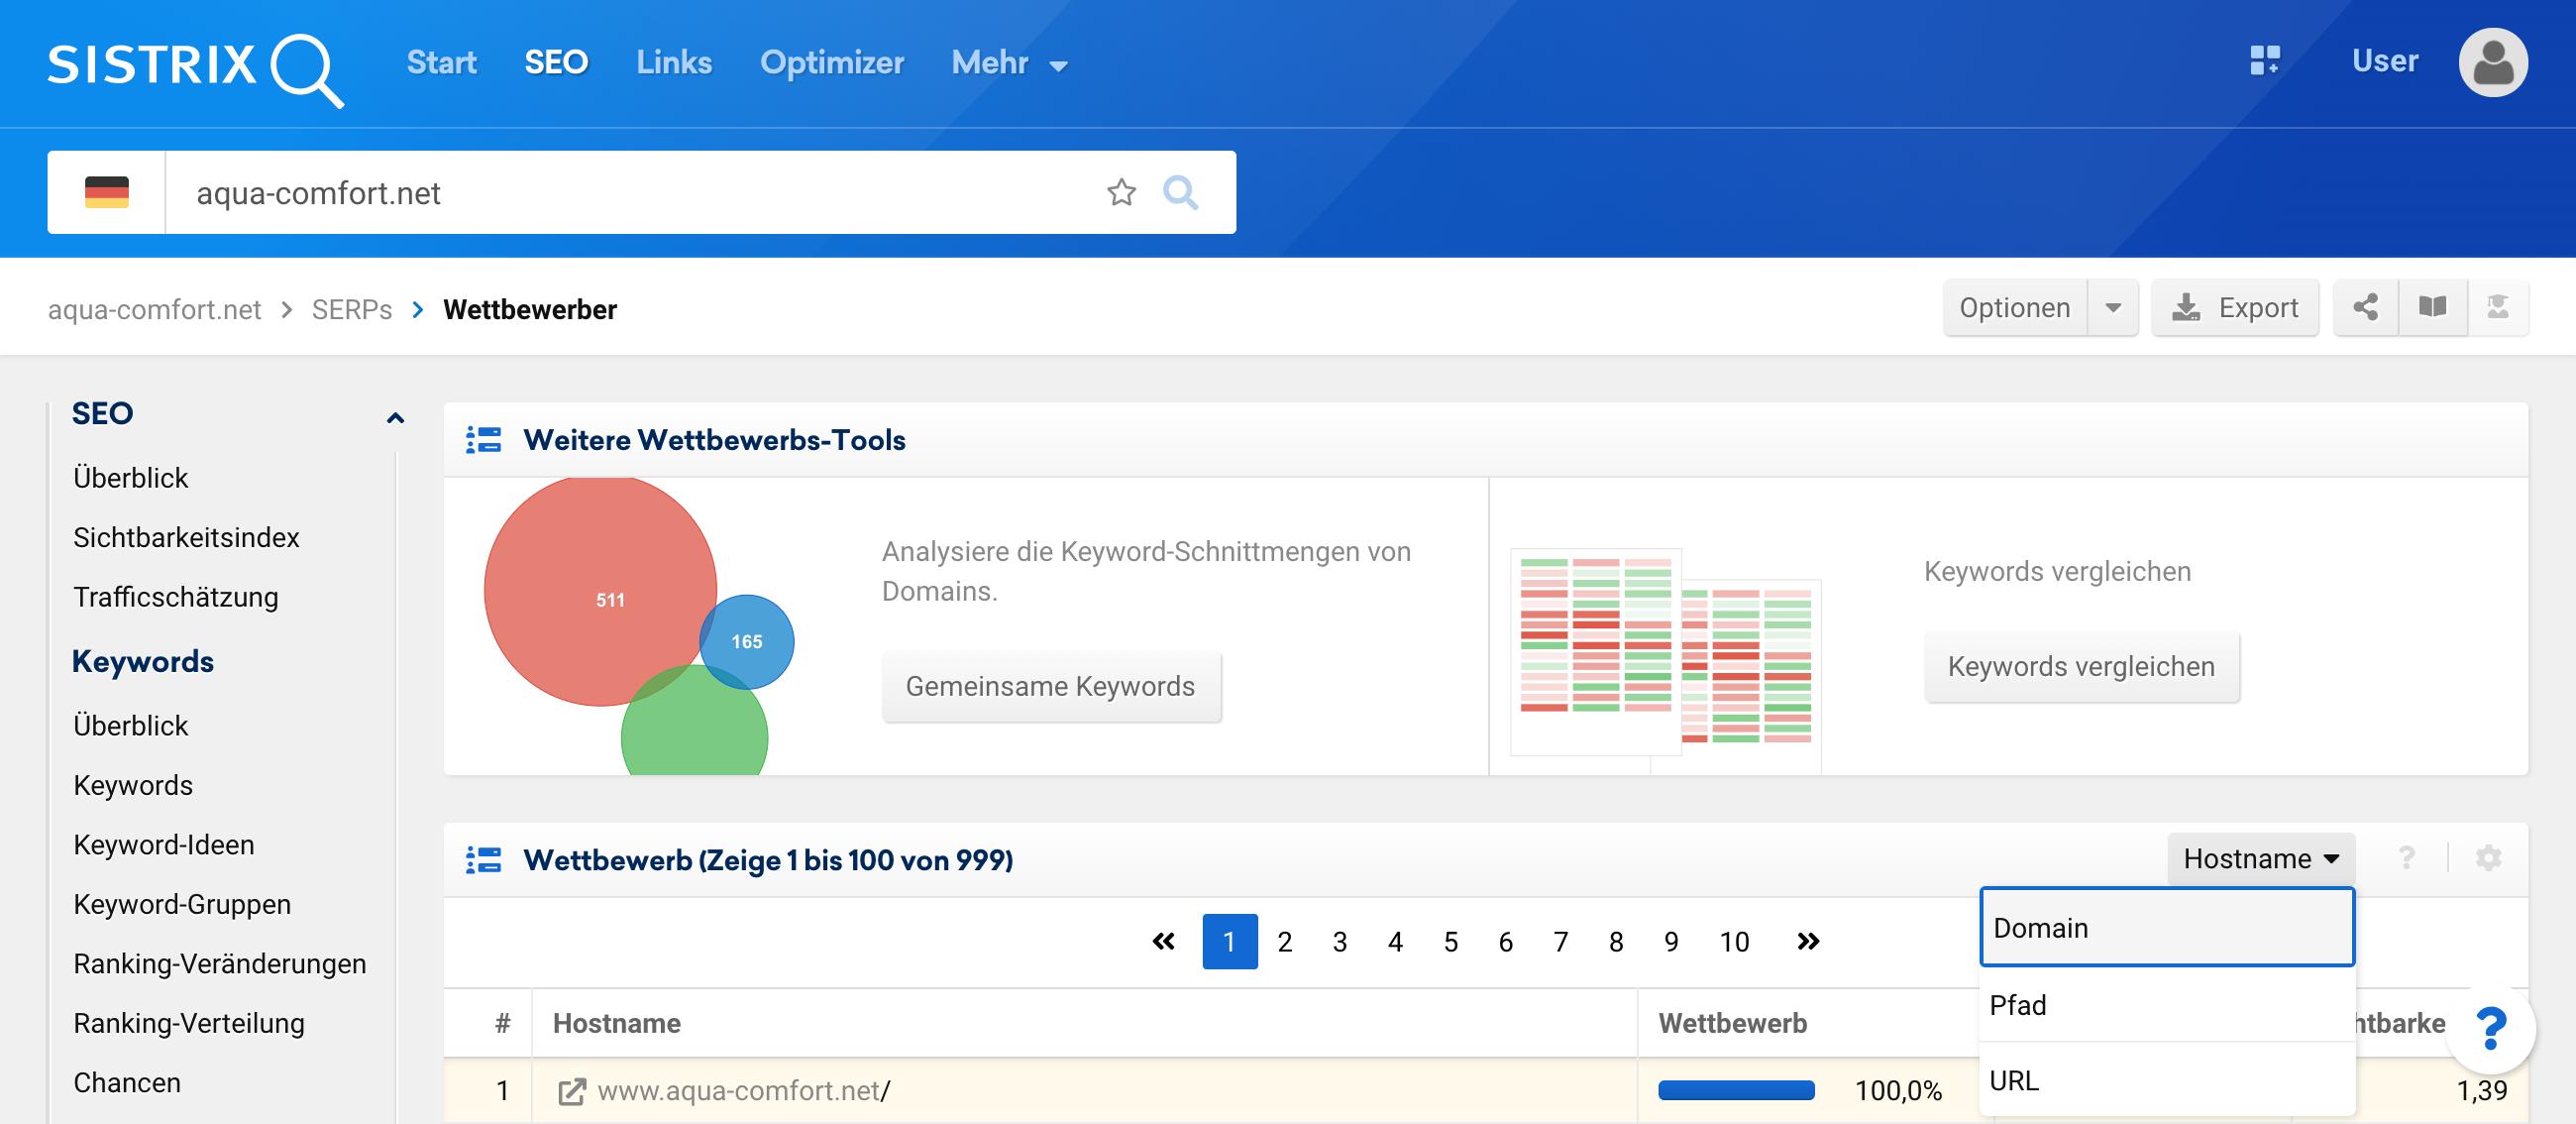 Wettbewerber auf Domainebene finden in der SISTRIX Toolbox.